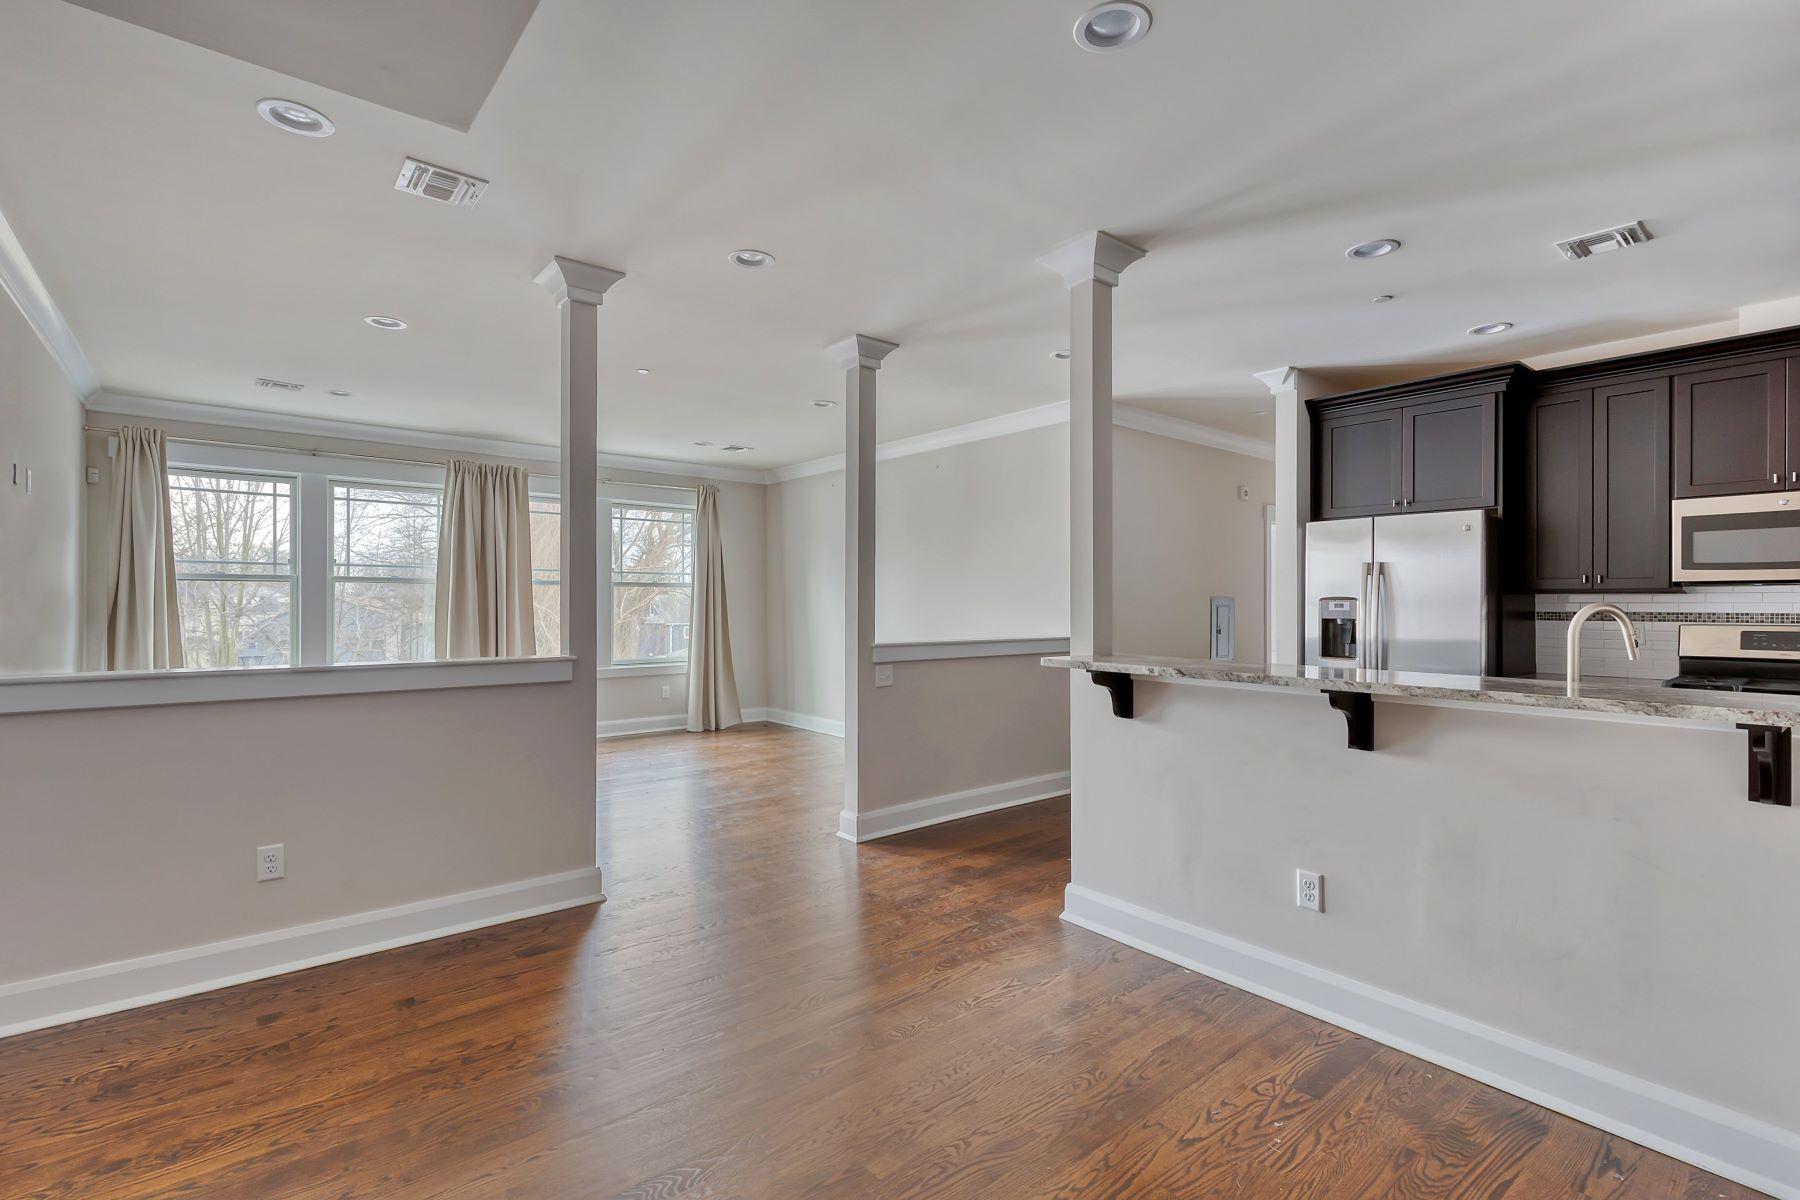 Appartement pour l à louer à Best of Both Worlds! 296 Millburn Avenue Unit 201, Millburn, New Jersey 07041 États-Unis